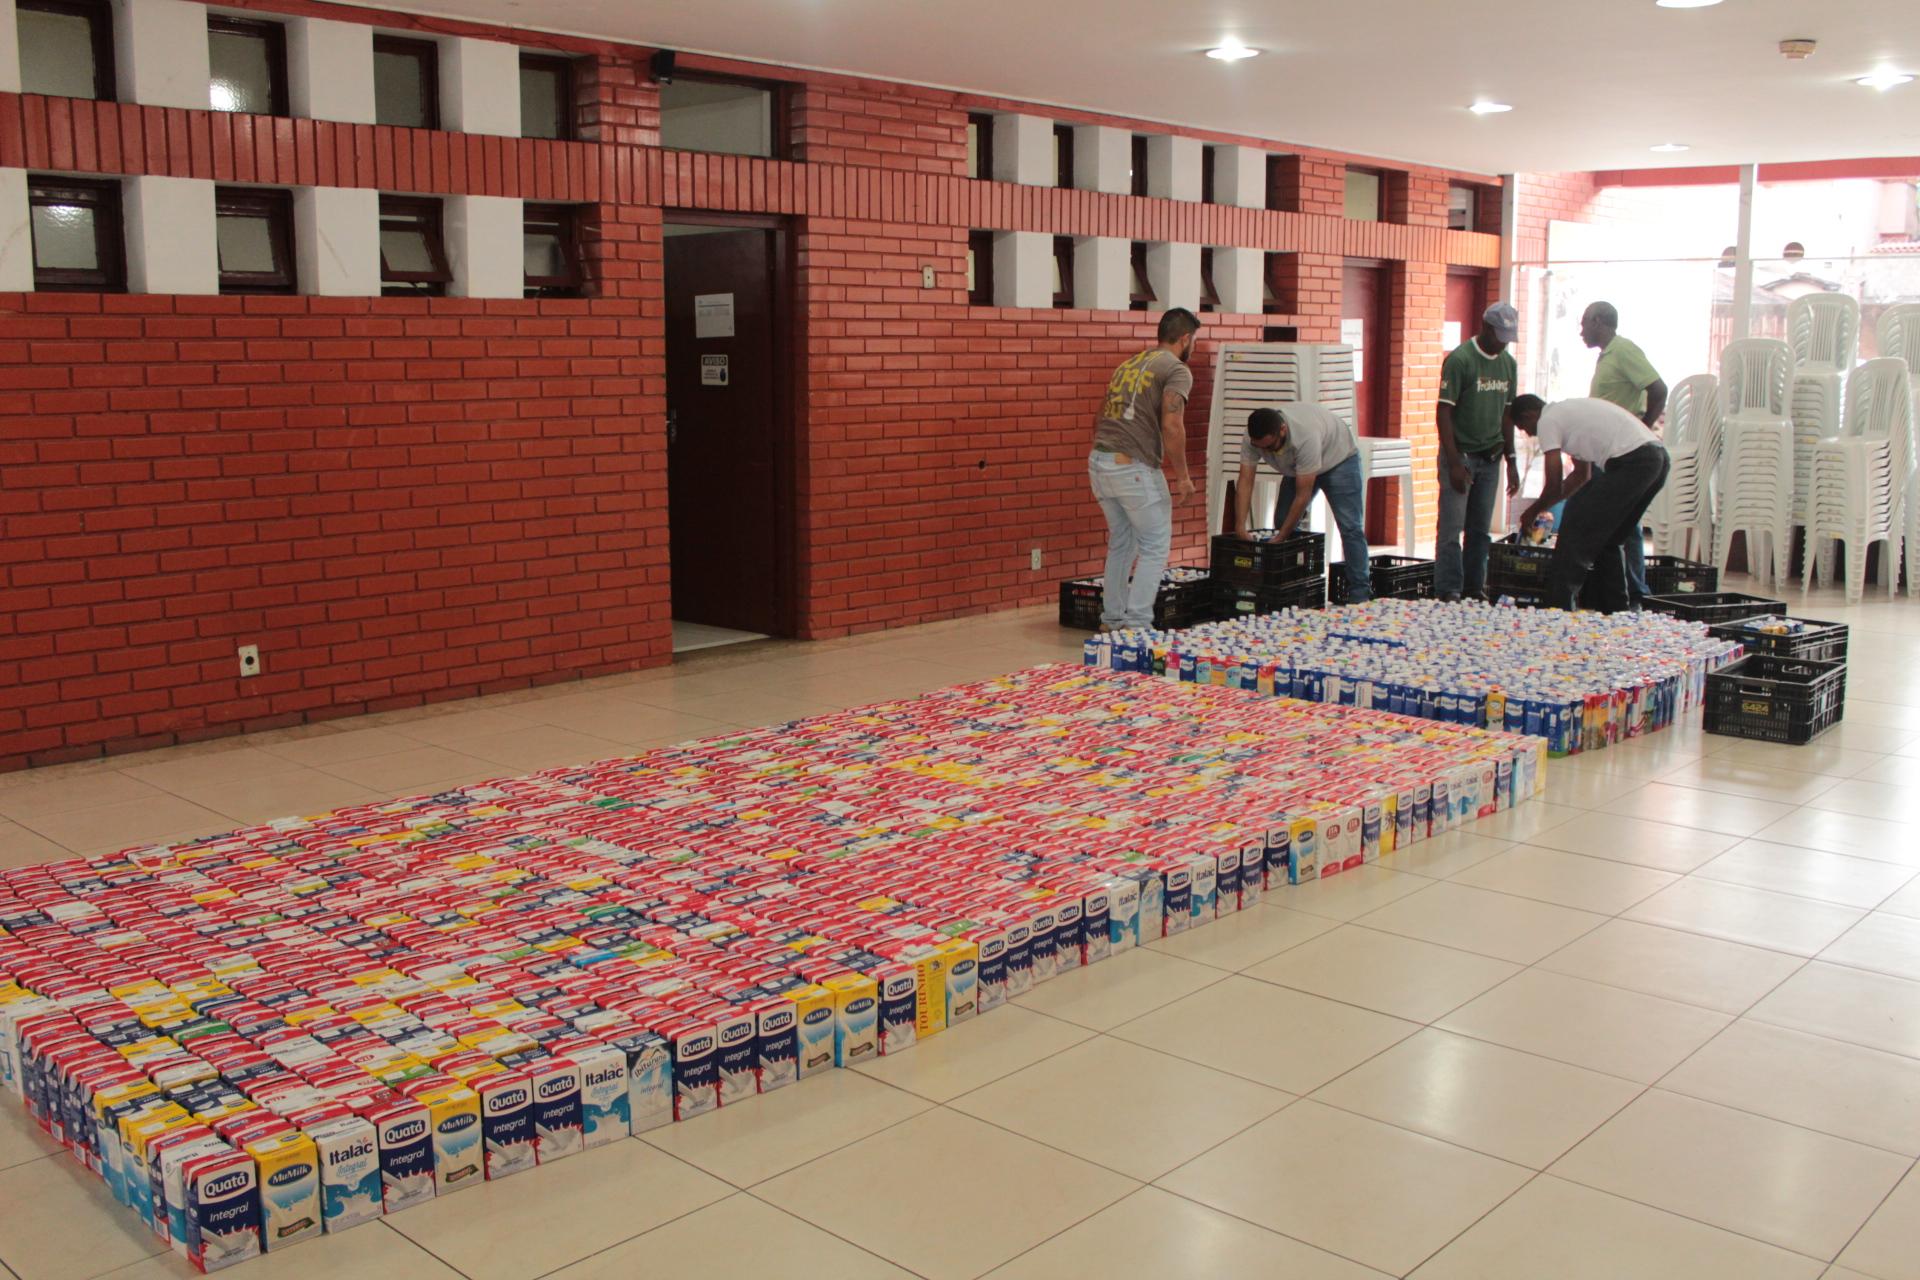 Festival de Inverno arrecada 2,4 mil litros de leite e 1,5 mil livros infantis